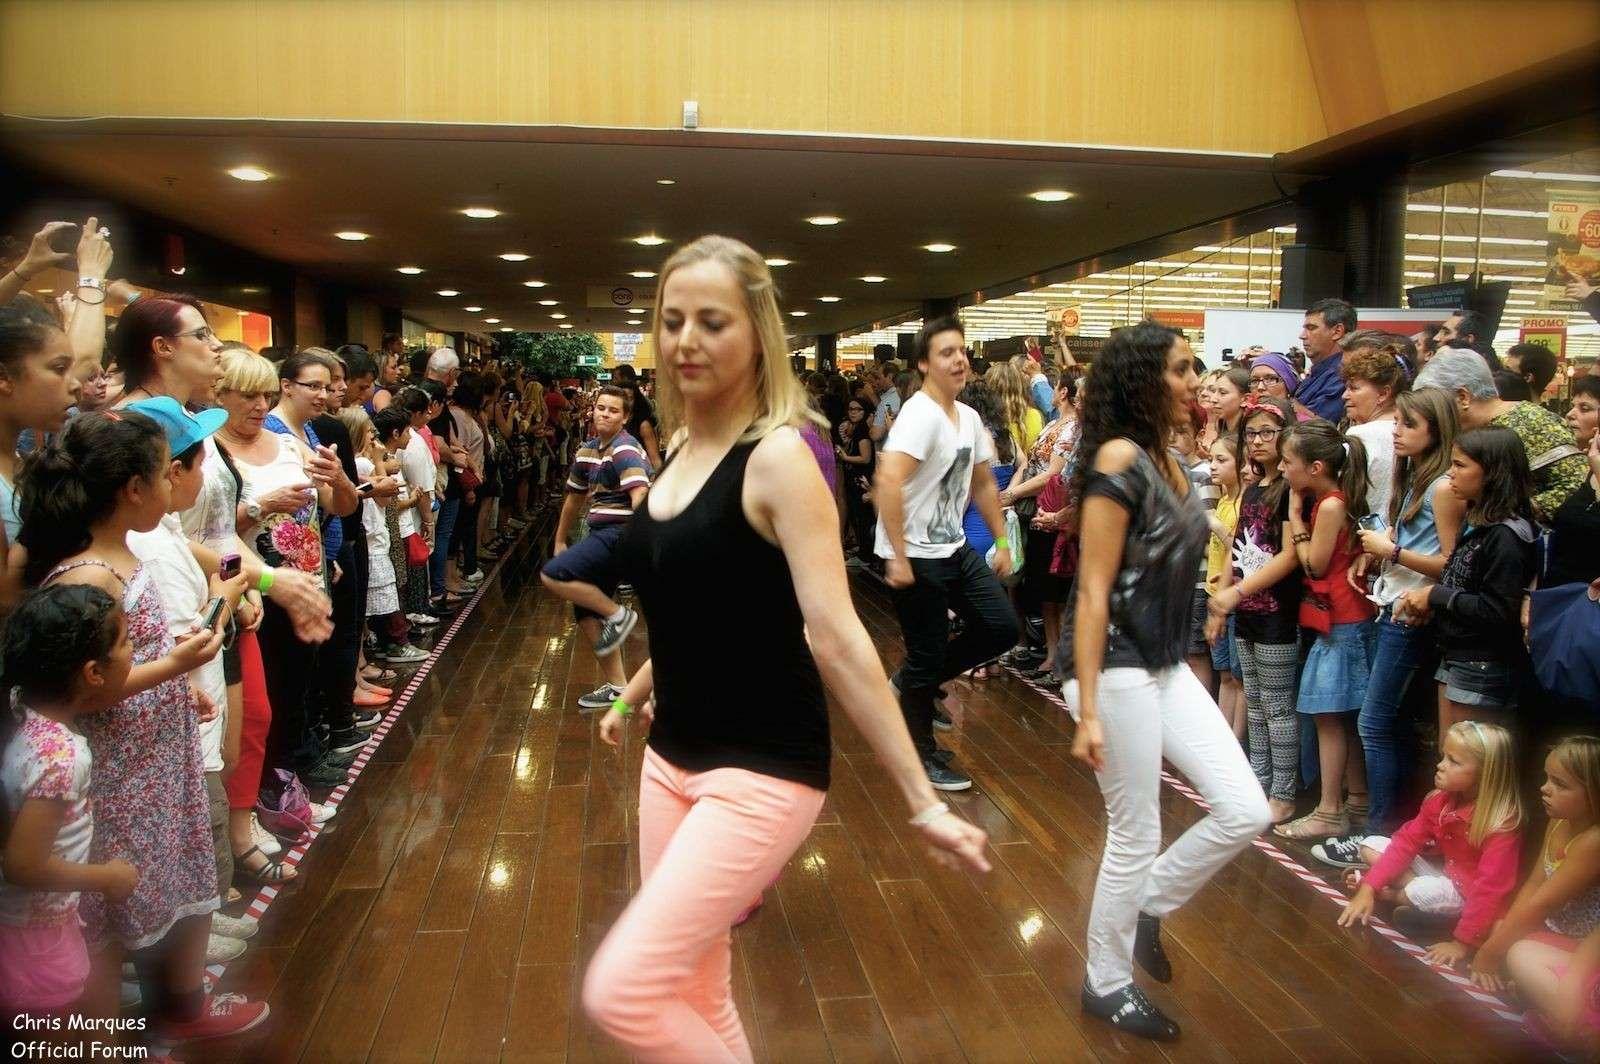 [14.06.2014] Evénement à #Colmar Chris Marques et Jaclyn Spencer pour un Flashmob/Cours de Danse/Dédicaces exceptionnels le tout organisé par la MJC de Colmar 212